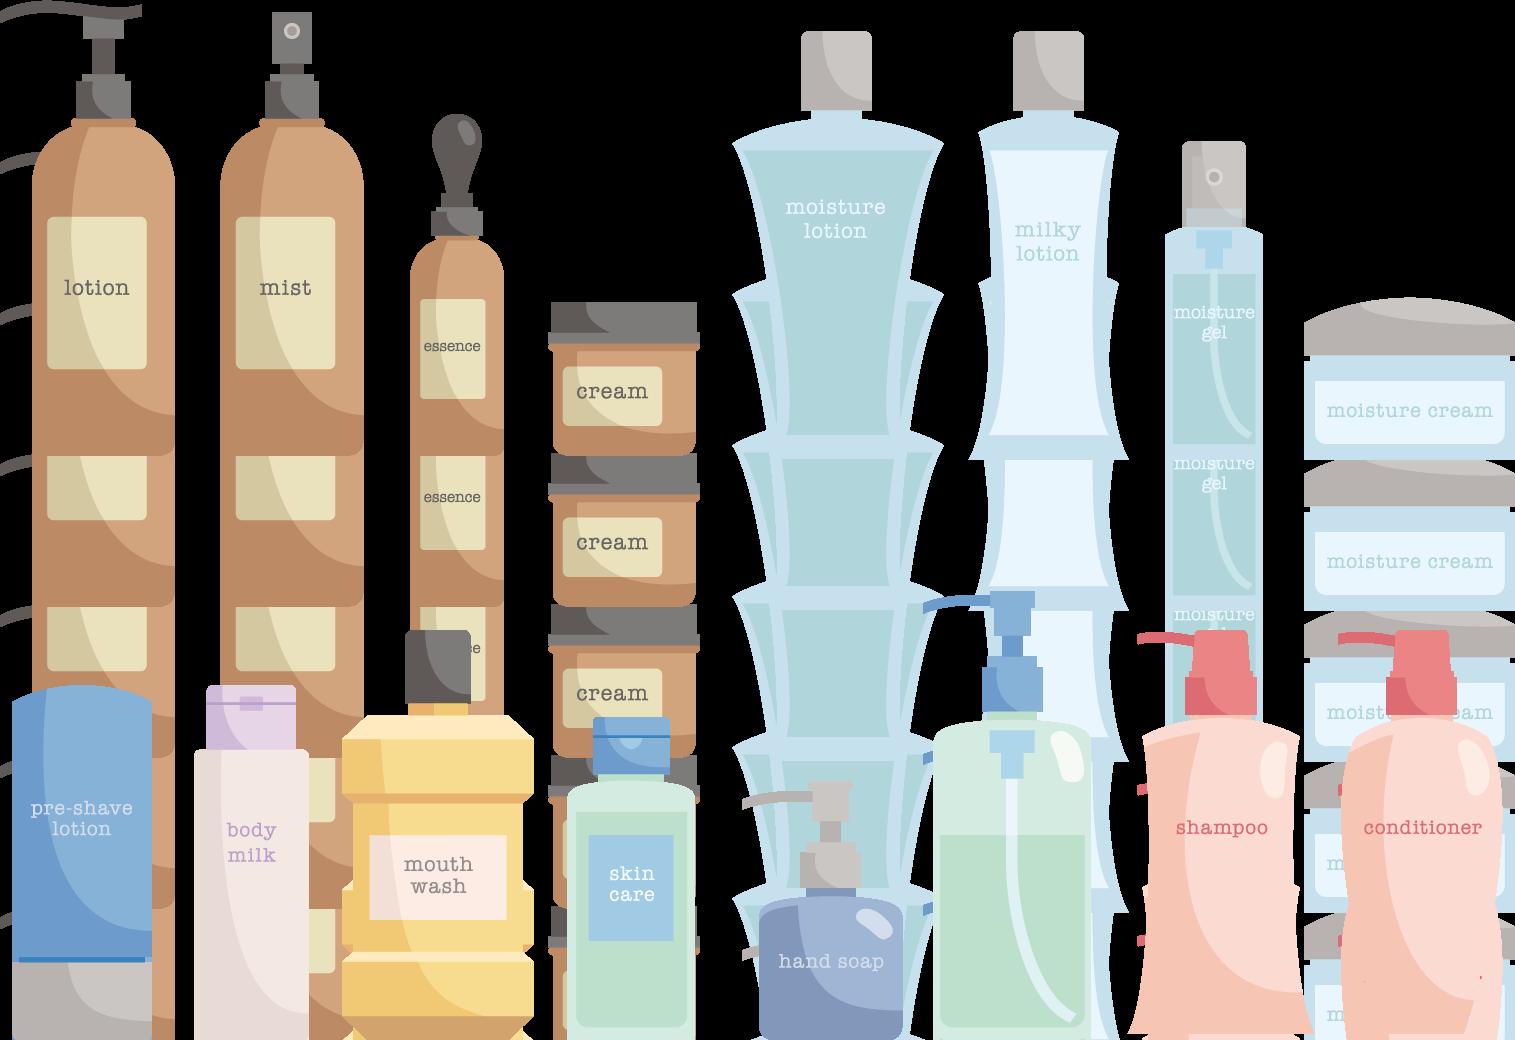 市販の保湿剤は、処方された保湿薬より費用対効果に優れているかもしれない:ランダム化比較試験